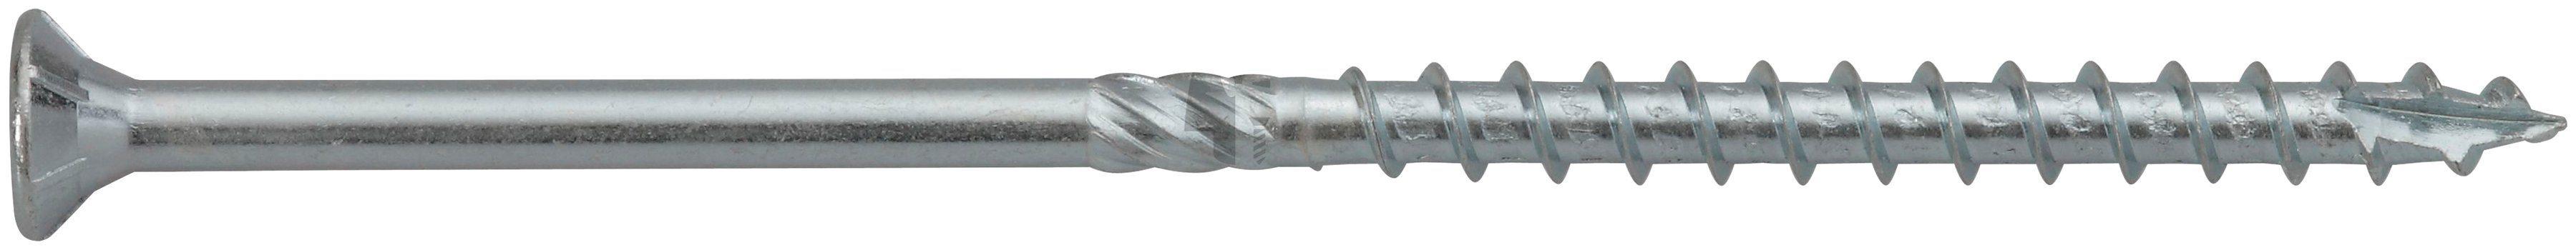 RAMSES Schrauben , Holzbauschraube 10 x 360 mm 10 Stk.